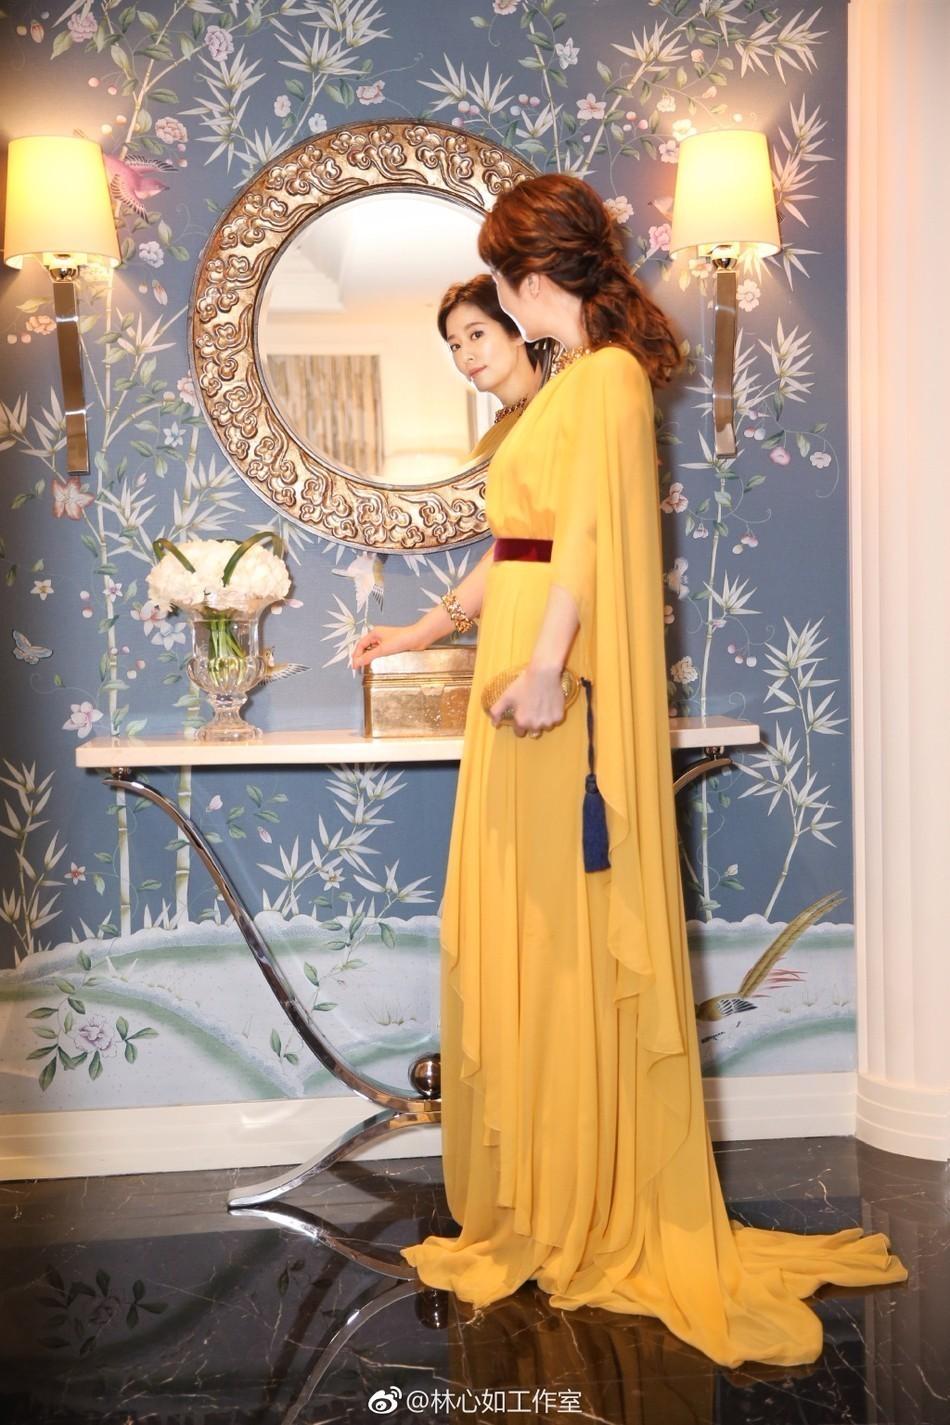 林心如穿金黄长裙甜笑 高贵典雅气场全开图片